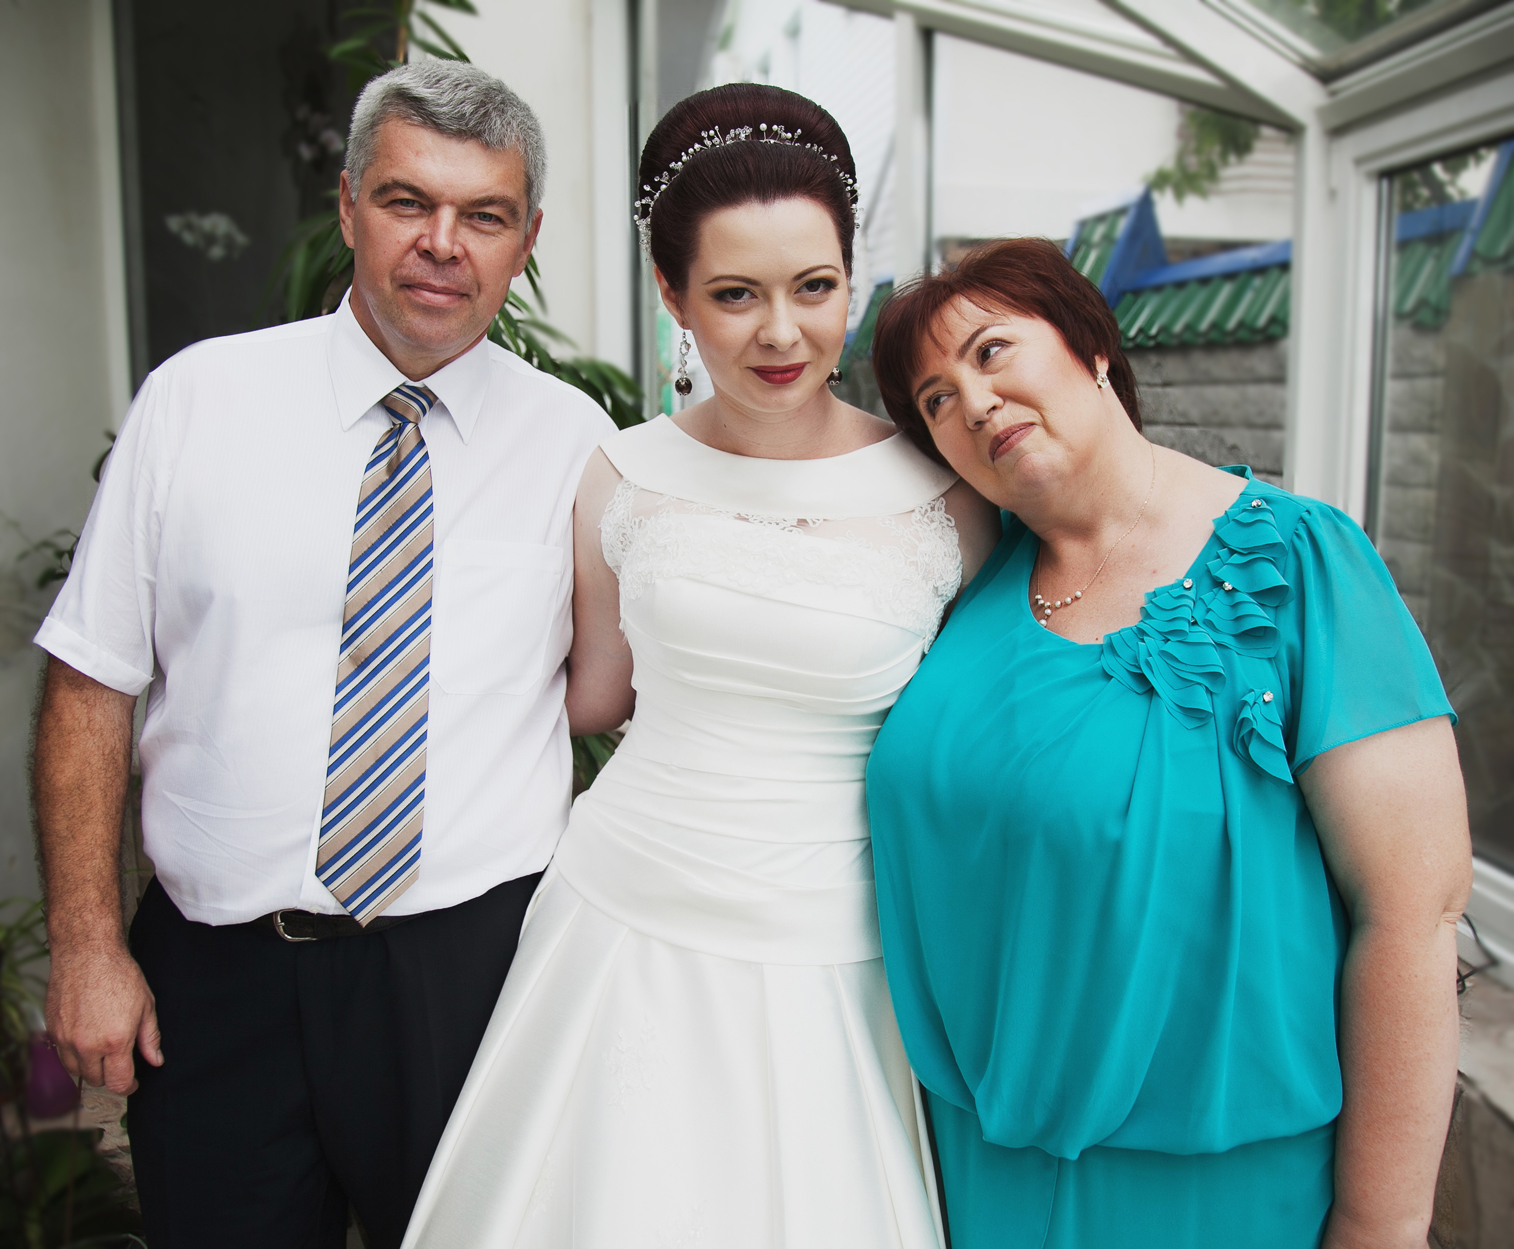 Наряд для папы невесты на свадьбу фото 2018